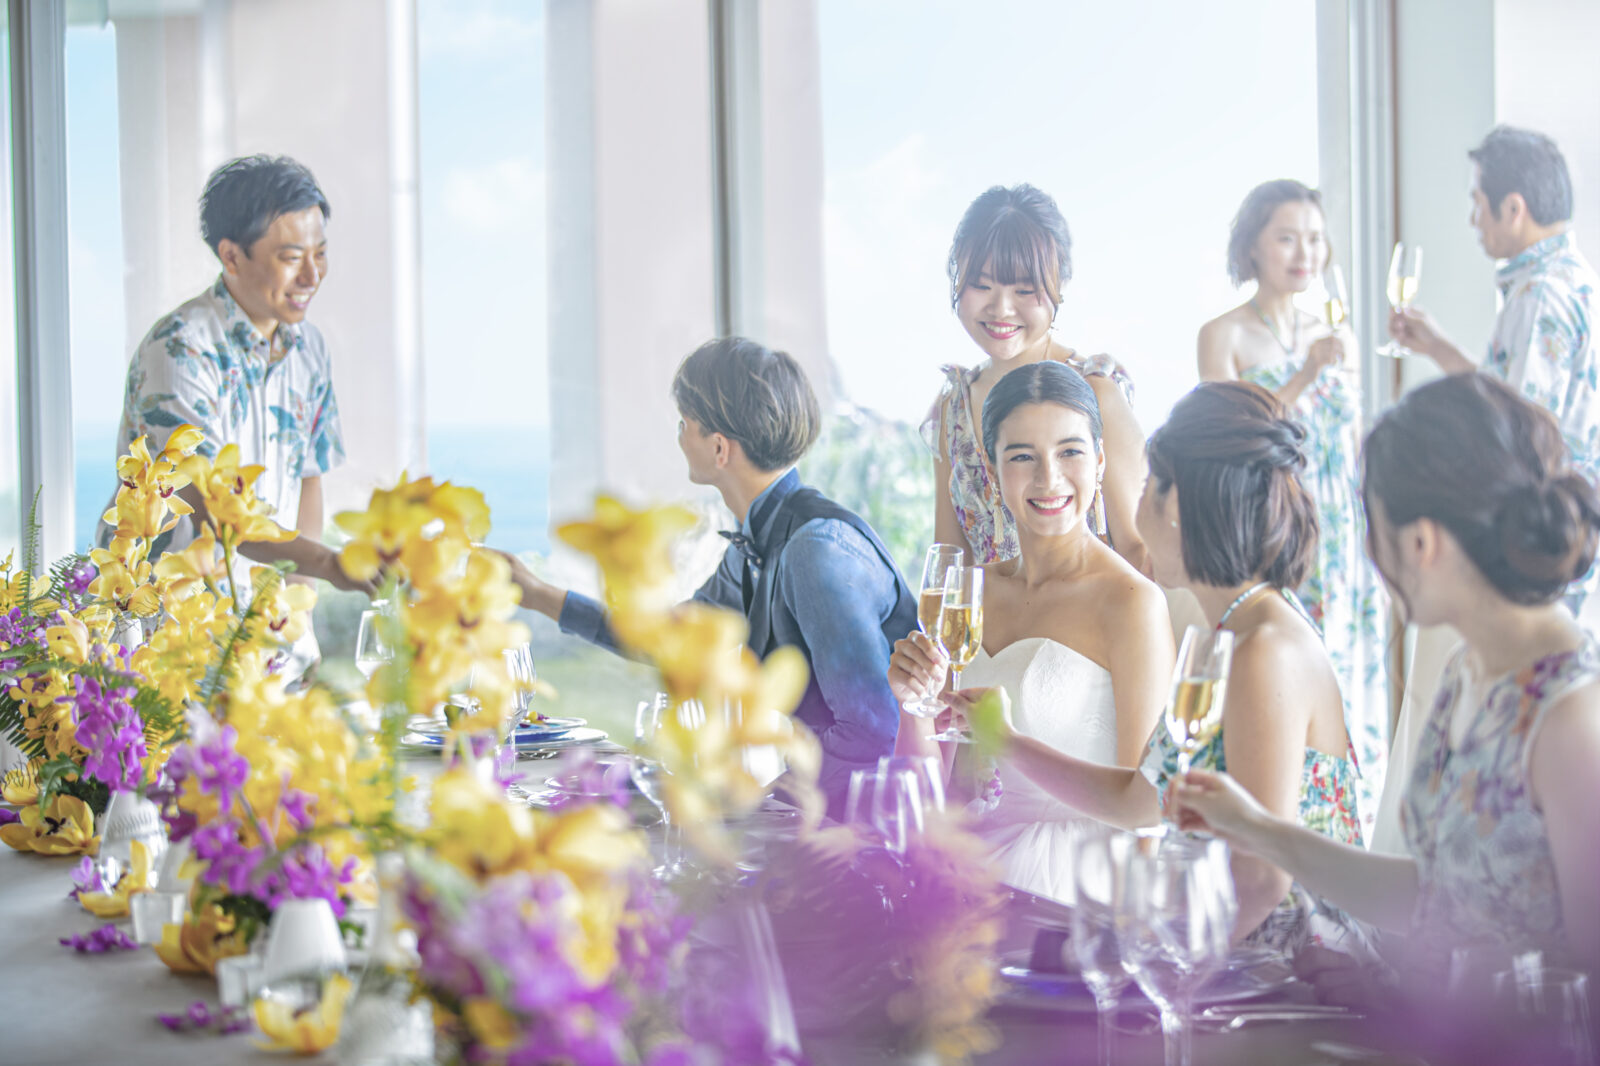 沖縄【Motif公式HP予約限定】挙式+パーティのベストレートセットプランが登場!